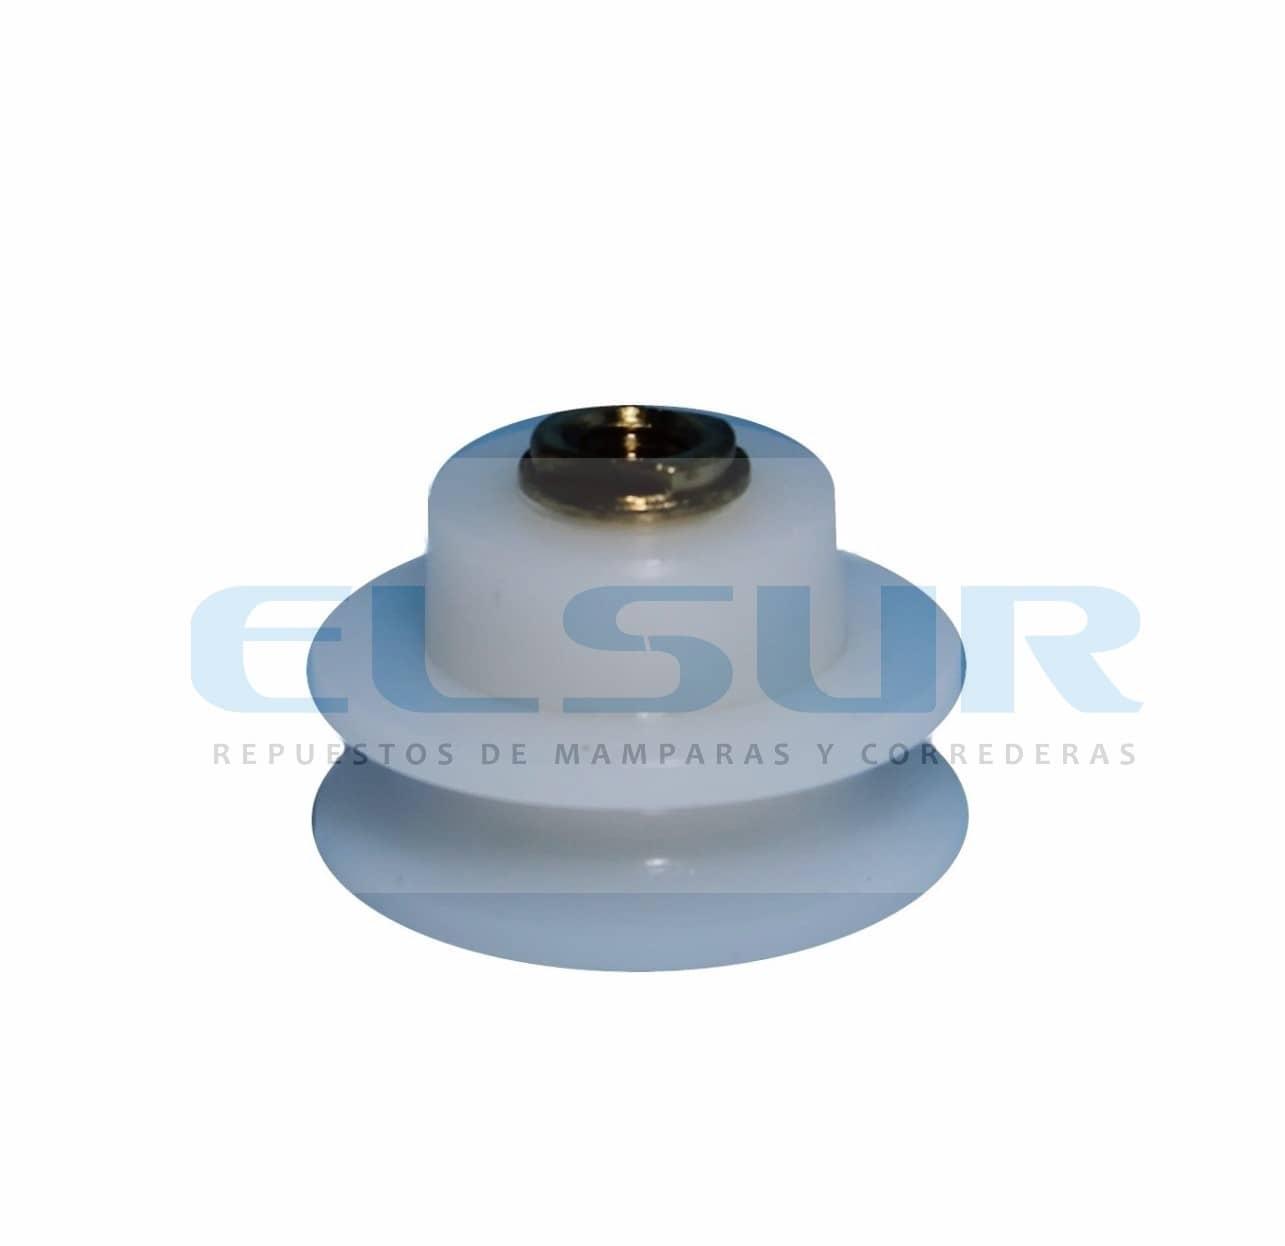 Semicircular cuello corto 25mm nylon con tornillo 5 X 8